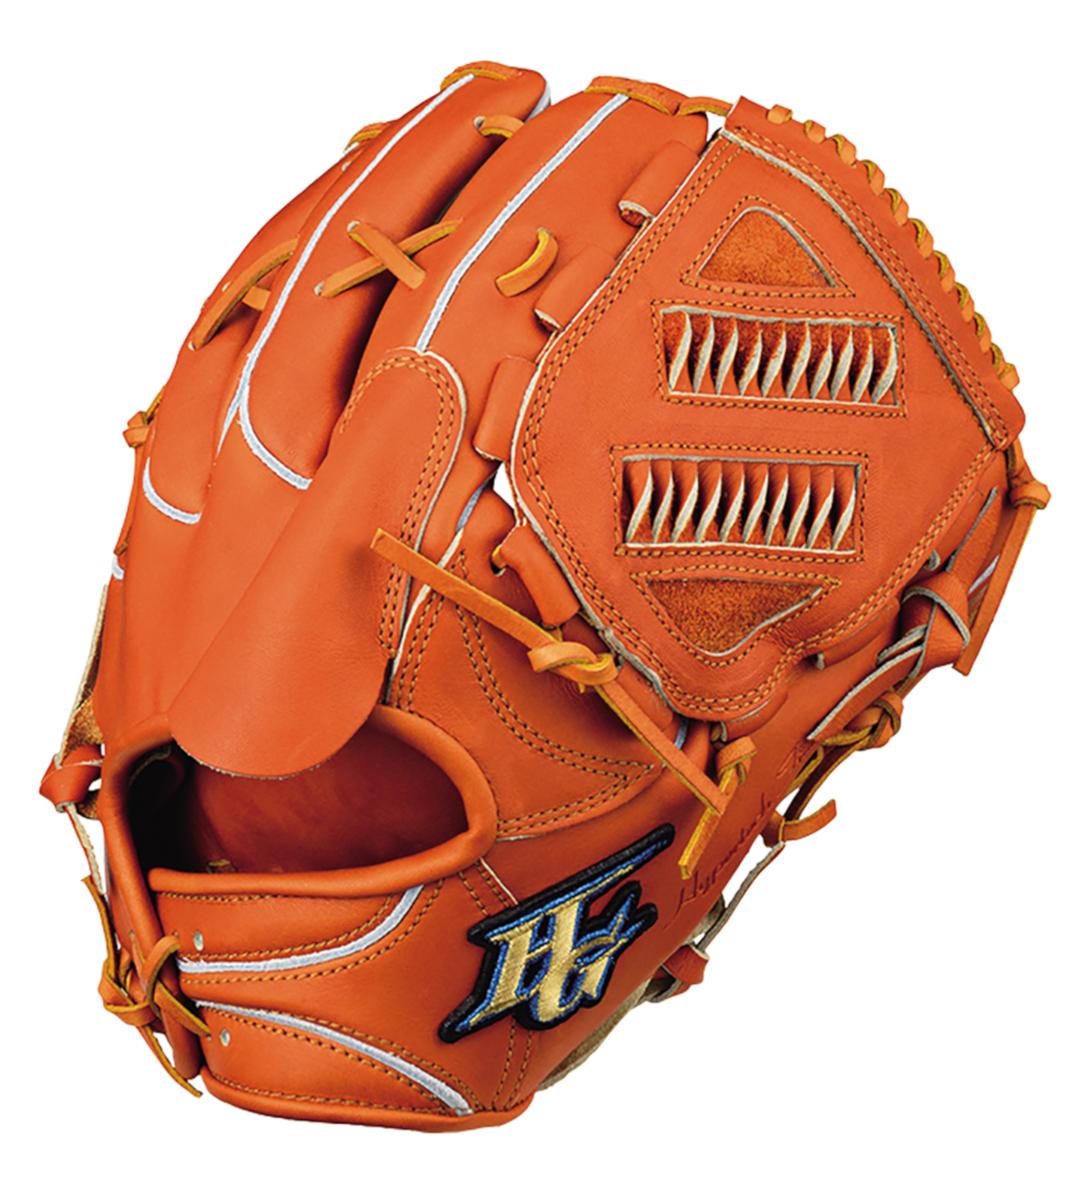 ハイゴールド 硬式野球グラブ 心極(和牛シリーズ) 投手用グローブ コルクタン KKG2001CTN 送料無料 2020年モデル